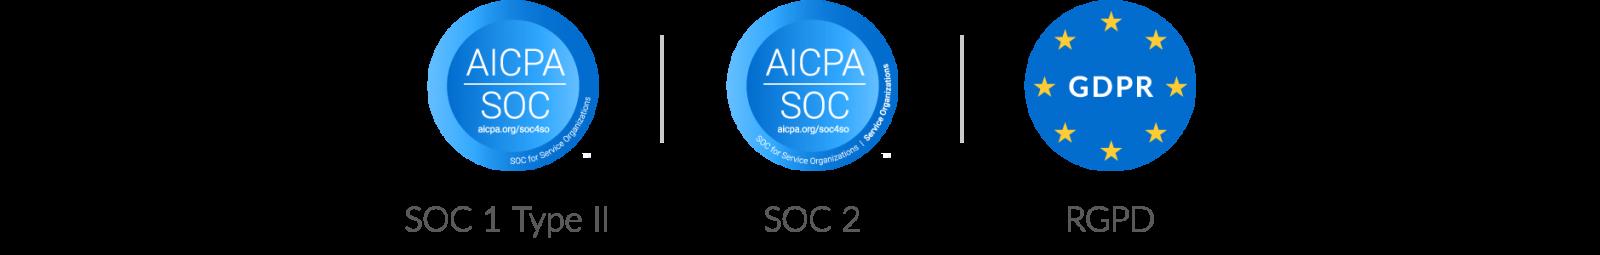 la plateforme workiva est conforme à SOC 1, SOC 2 et GDPR